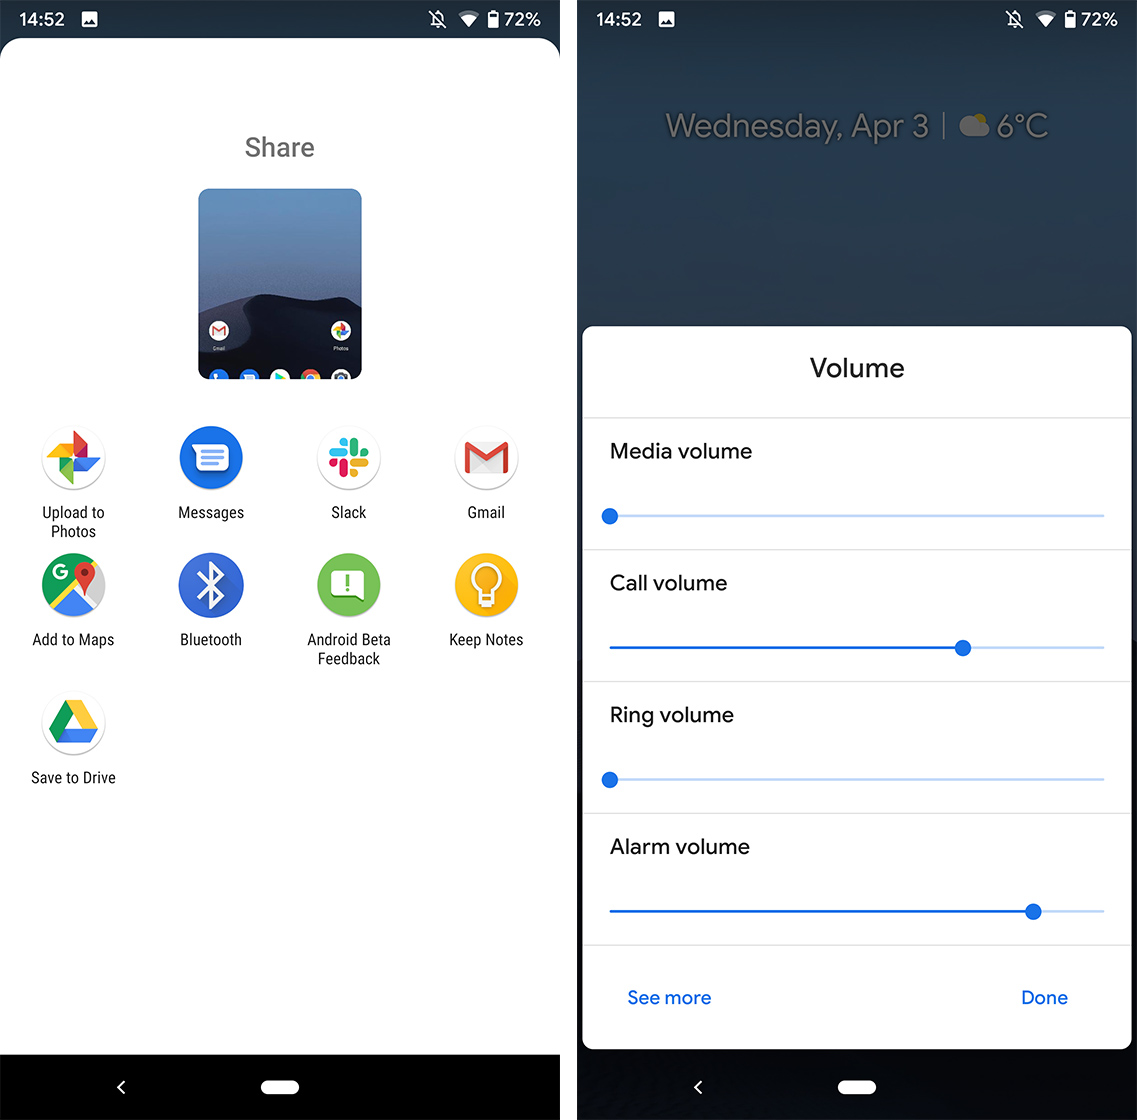 Android Q Beta sharing menu and volume